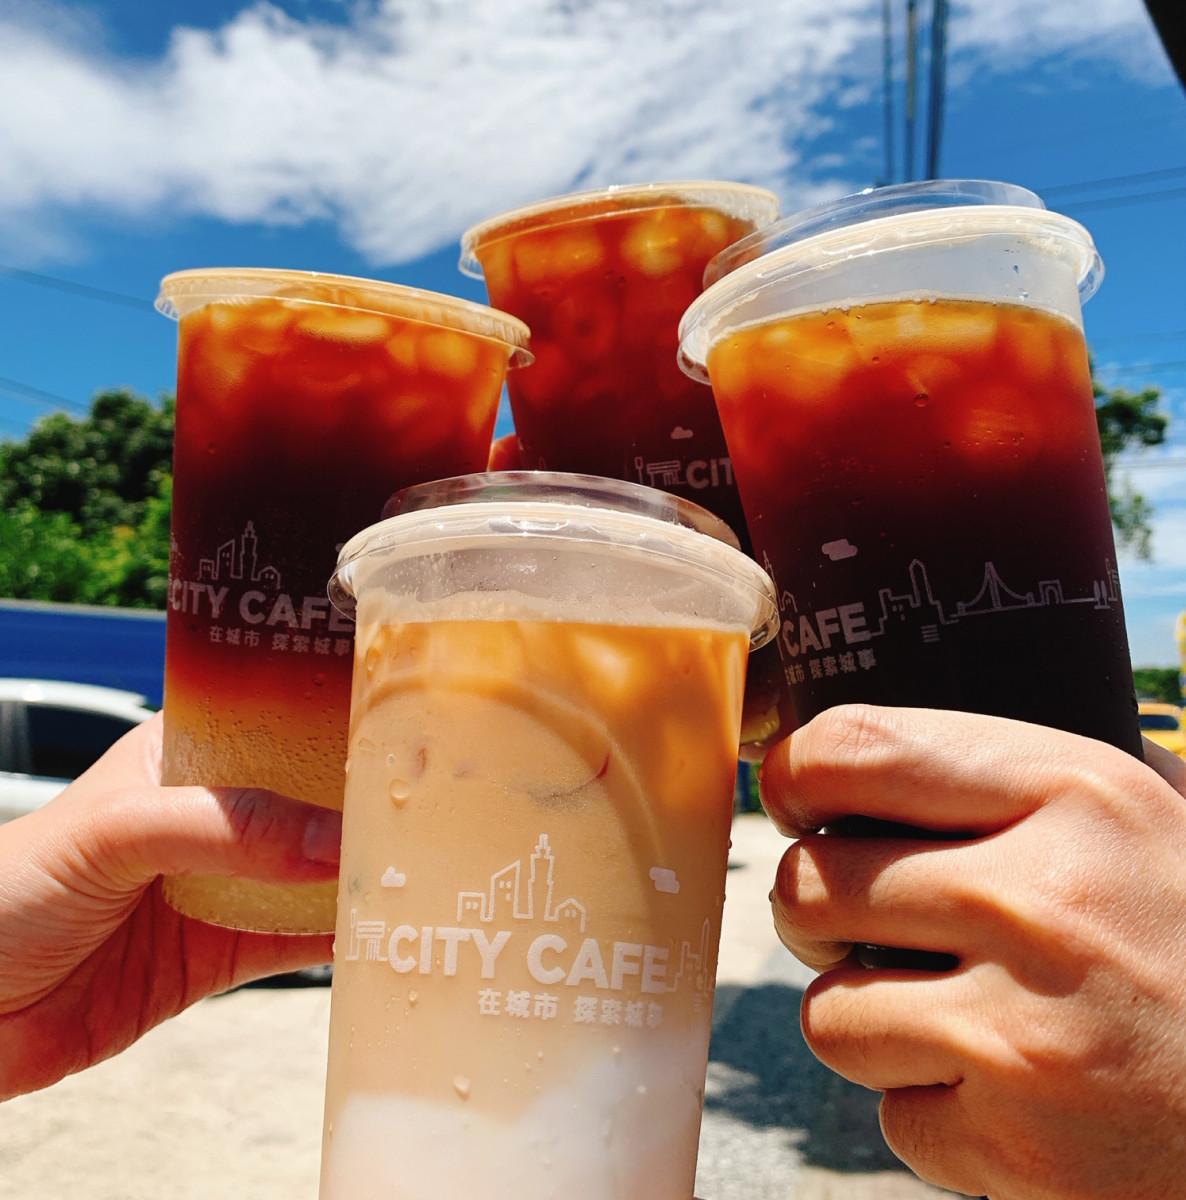 蝦皮518狂購節,搶買1元蛋捲冰淇淋、CITY CAFE只要9元